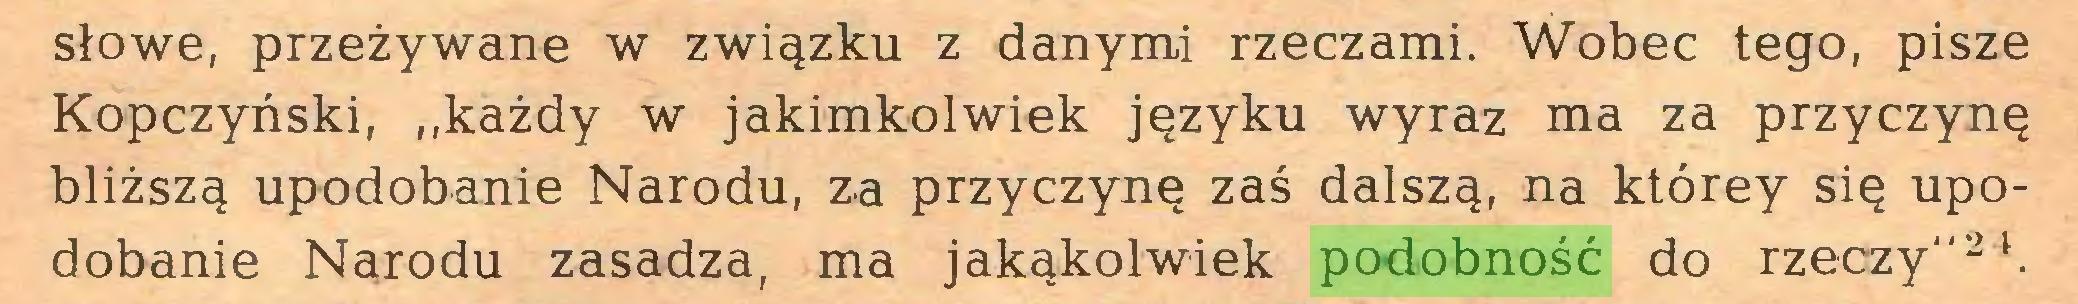 """(...) słowe, przeżywane w związku z danymi rzeczami. Wobec tego, pisze Kopczyński, ,,każdy w jakimkolwiek języku wyraz ma za przyczynę bliższą upodobanie Narodu, za przyczynę zaś dalszą, na którey się upodobanie Narodu zasadza, ma jakąkolwiek podobność do rzeczy""""24..."""